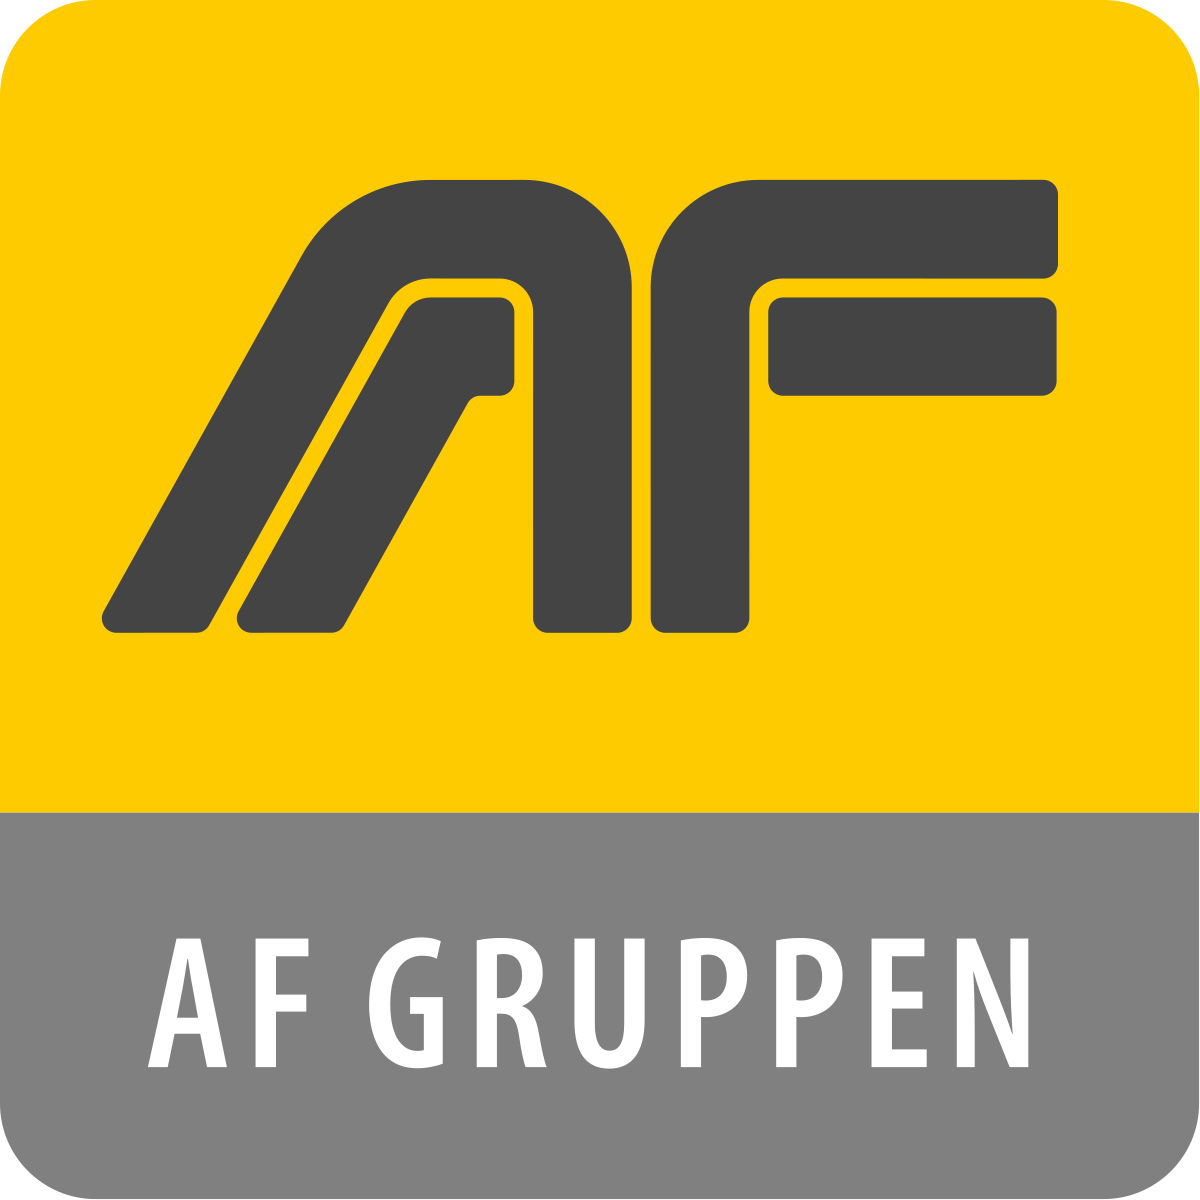 af gruppen logo